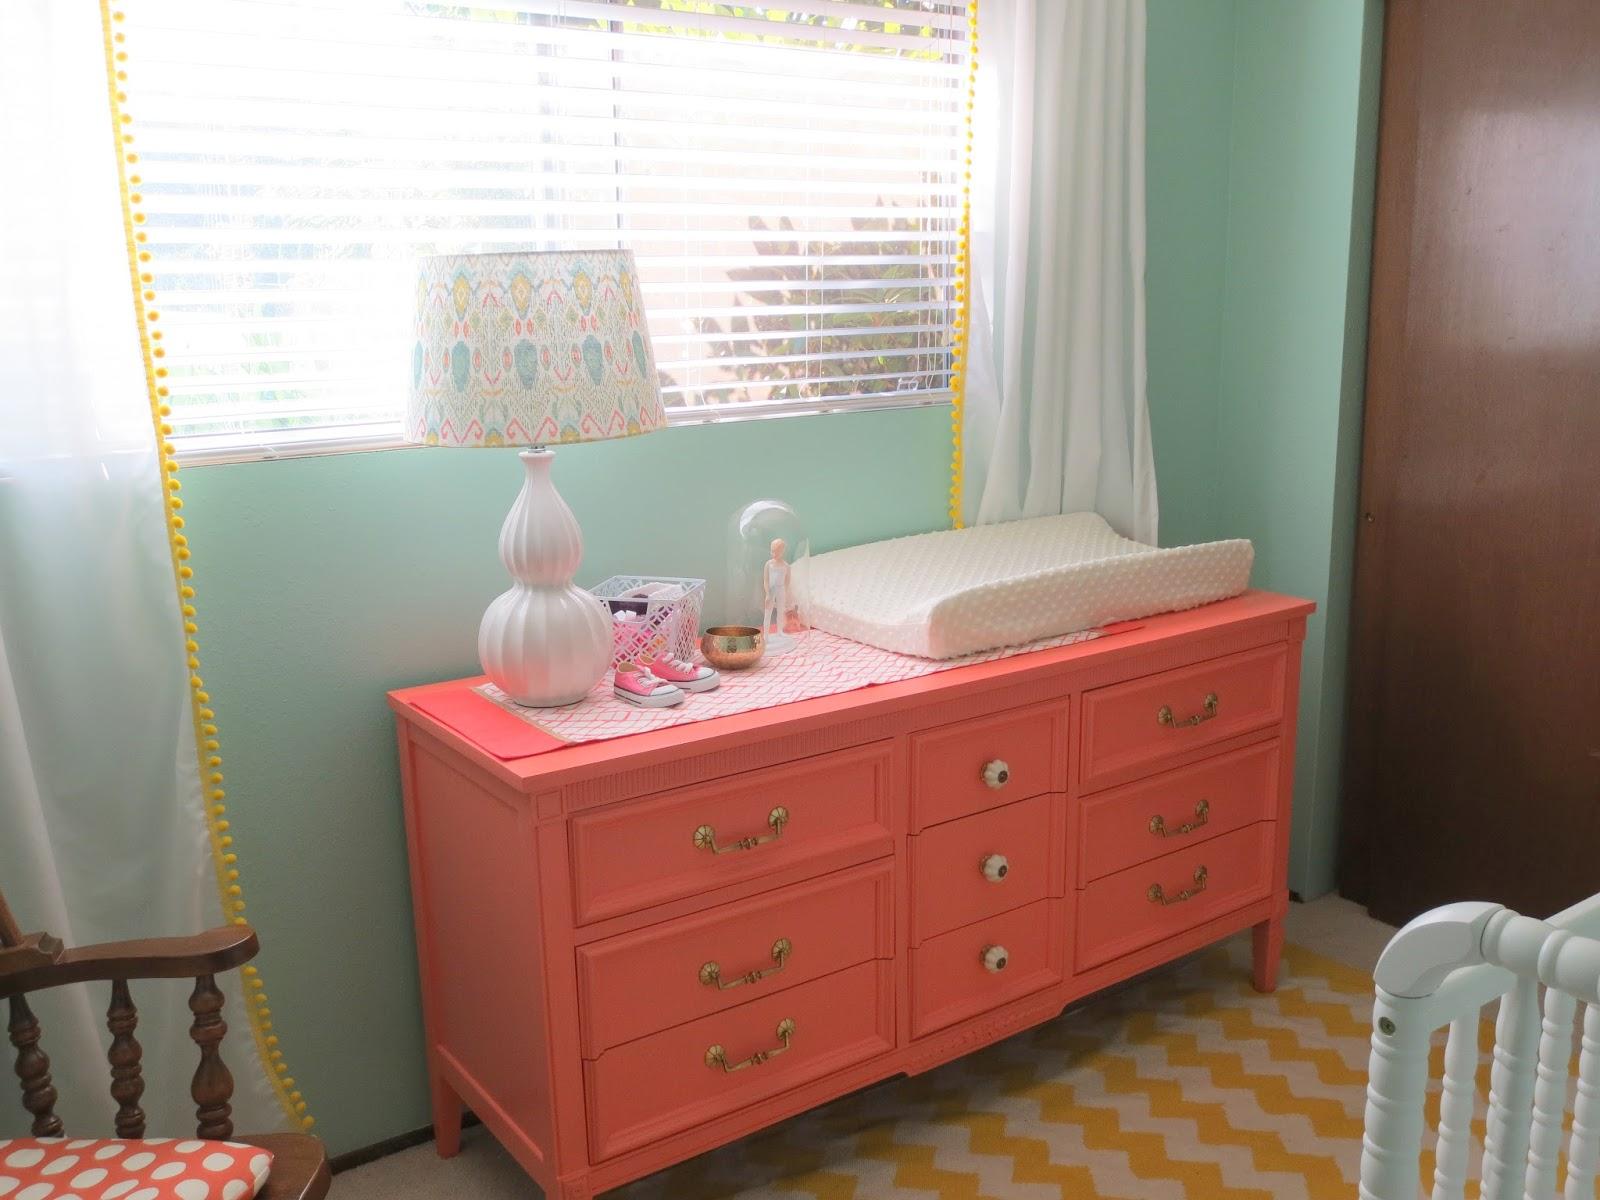 Diy C Dresser Drawer Liner